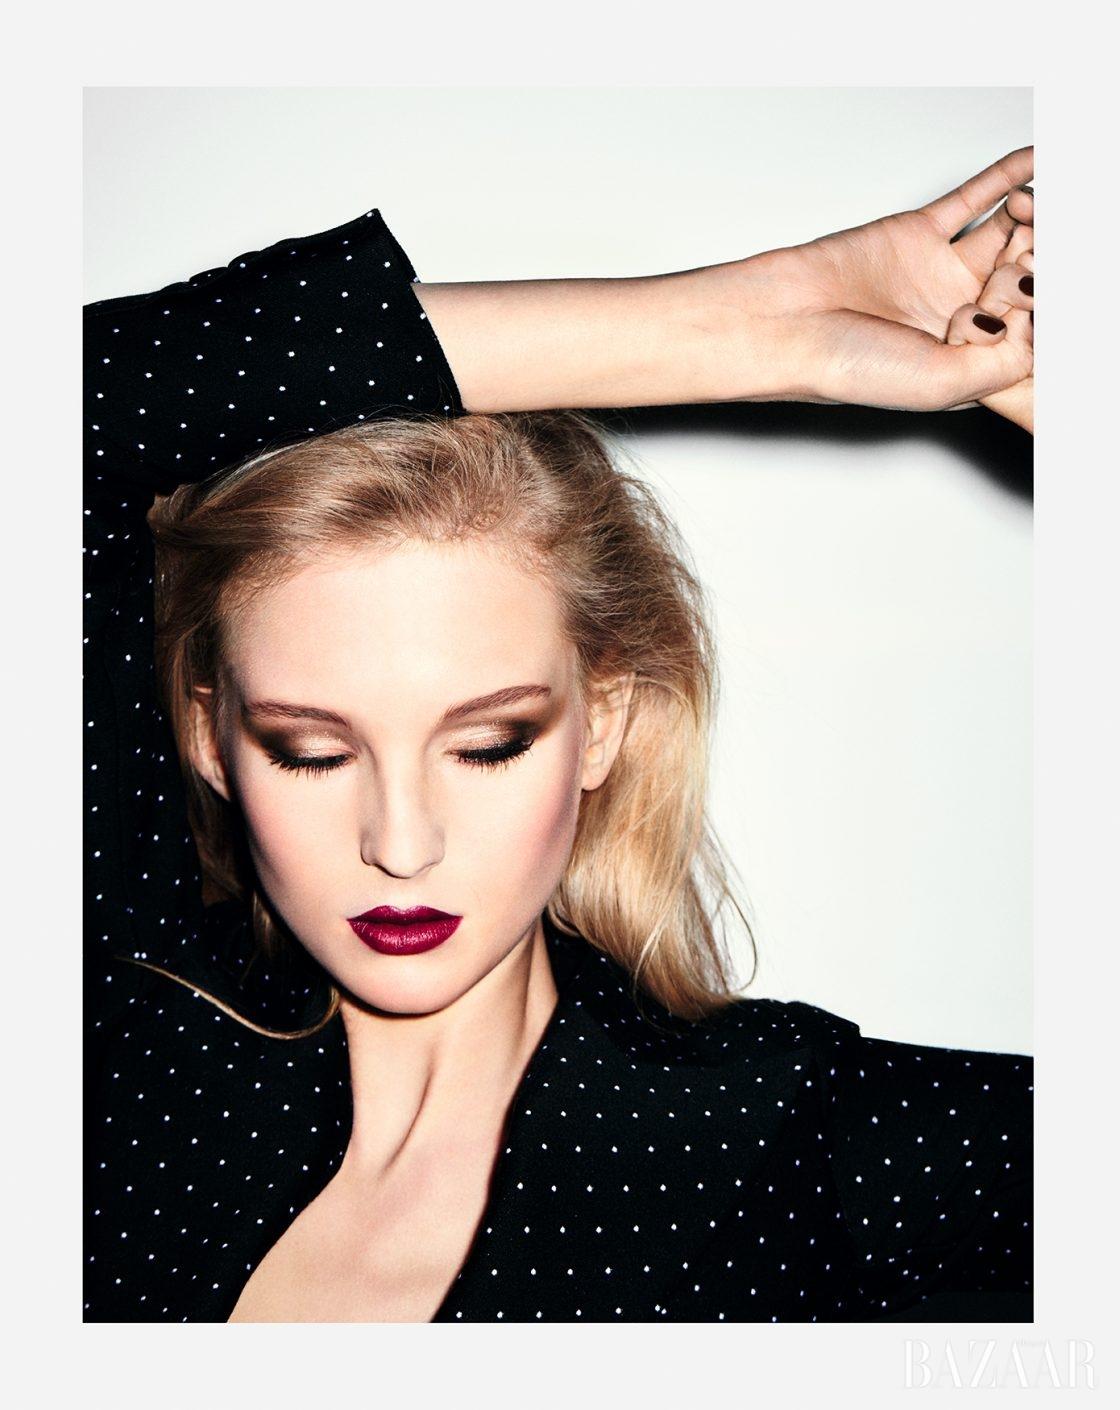 매트한 질감과 달리 입술에 부드럽게 펴 발리는 버건디 컬러 립은 Dior '루즈 디올' 964 앰비셔스 매트 컬러.